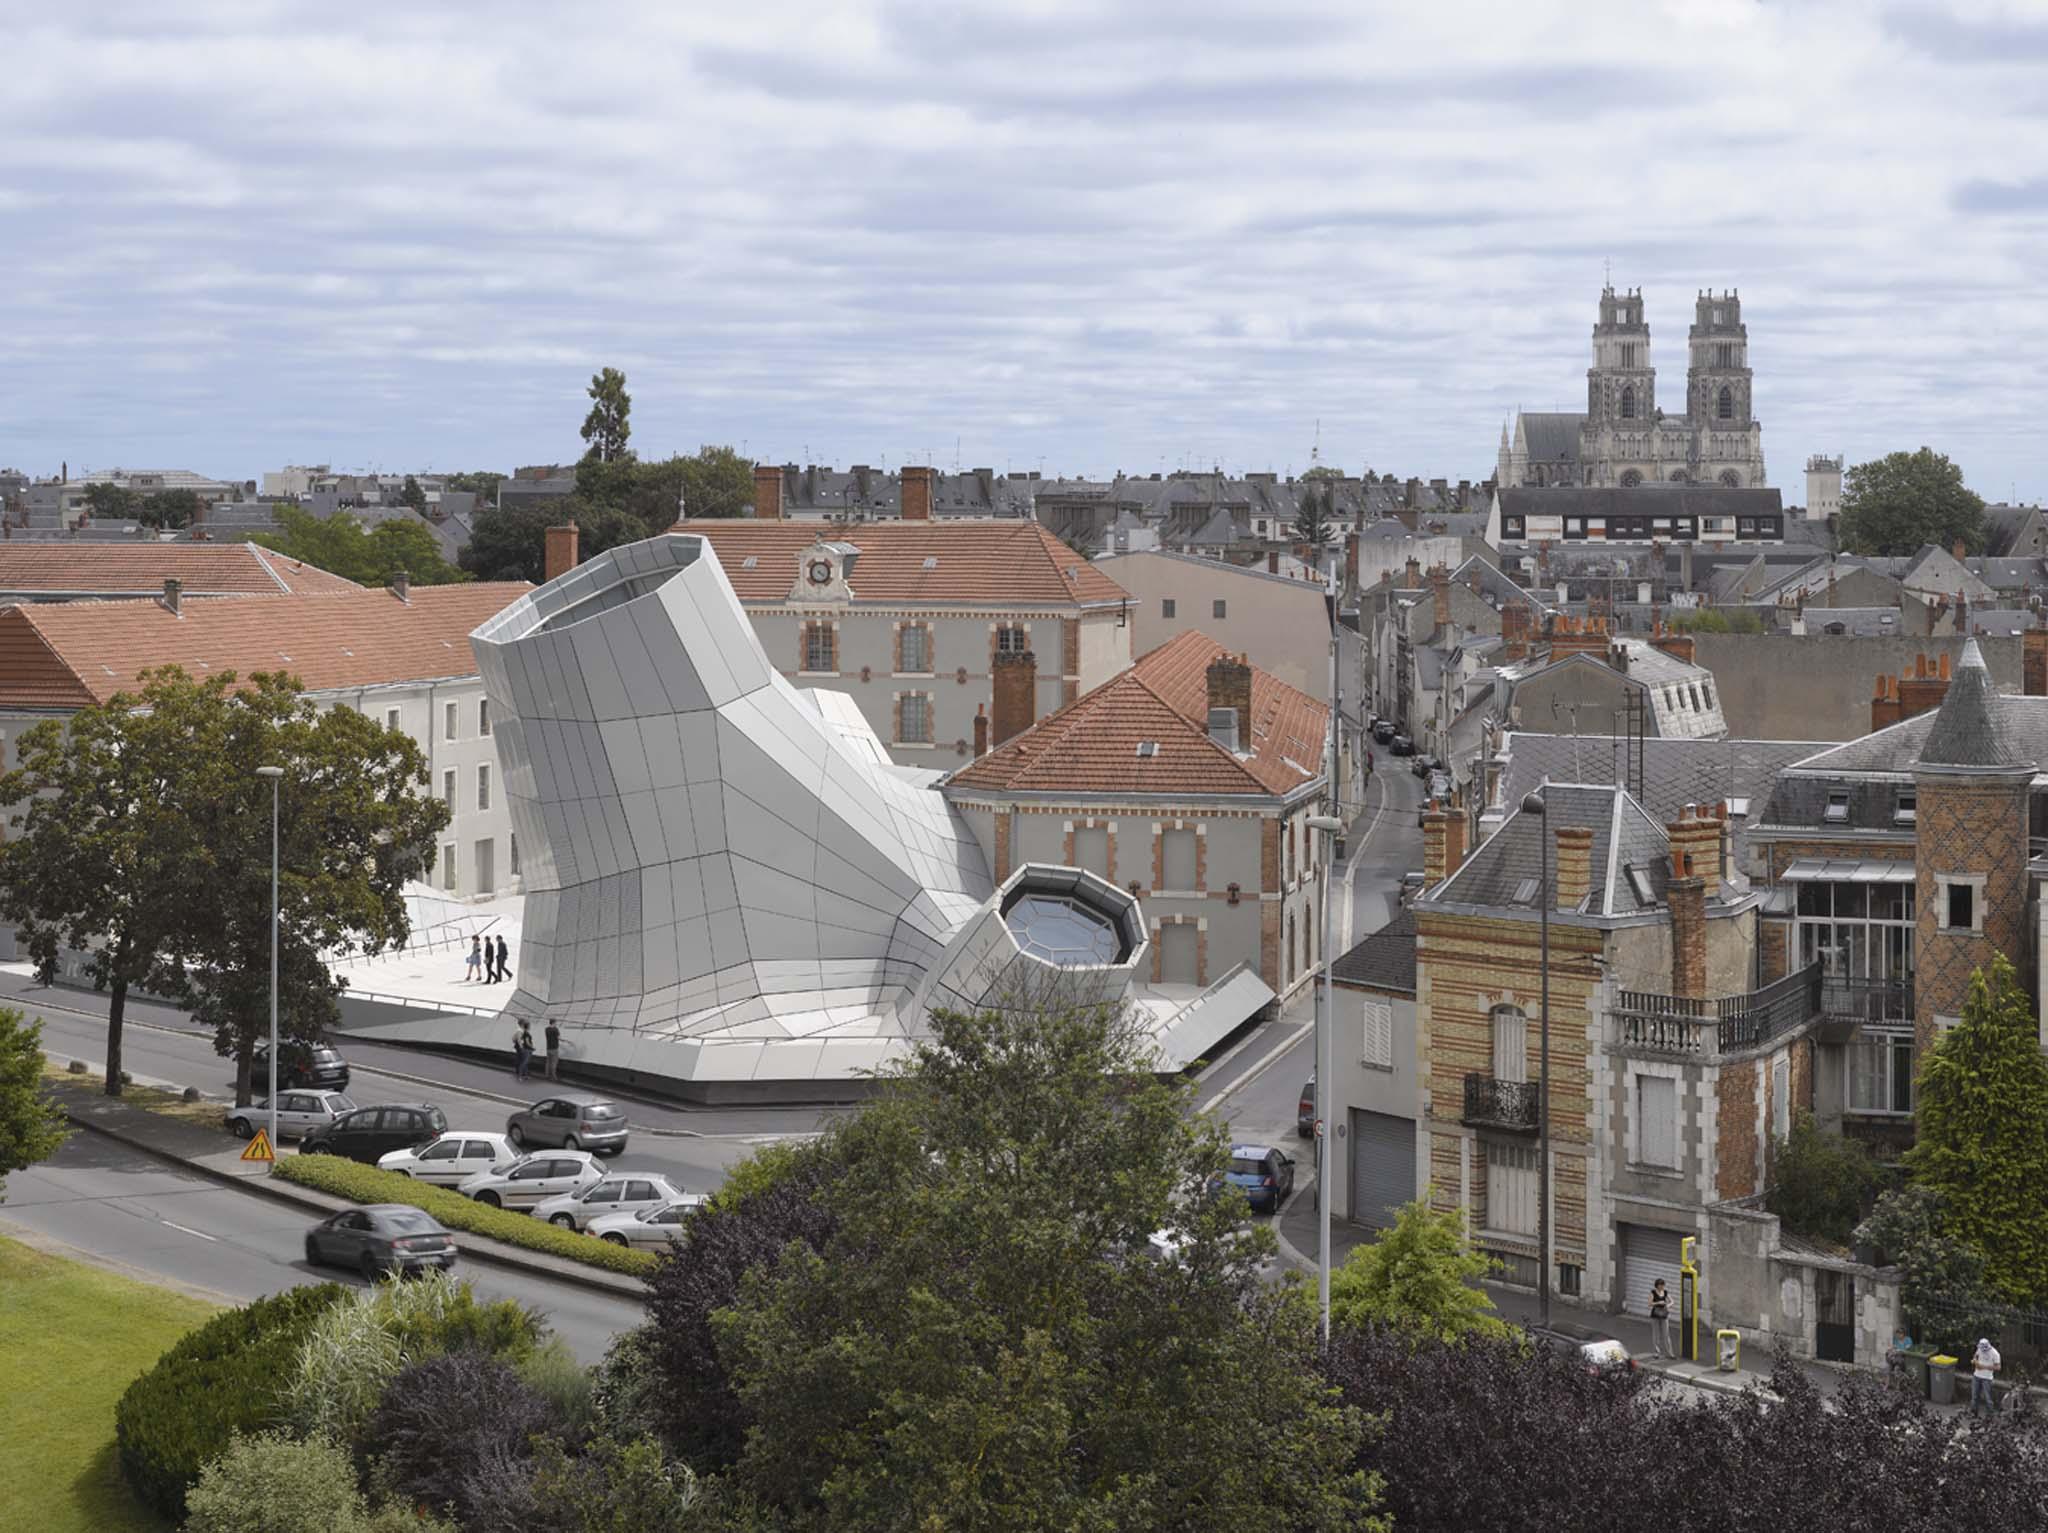 Maître D Oeuvre Orléans Équerre d'argent 2013 / nominÉ - jakob+macfarlane - frac centre